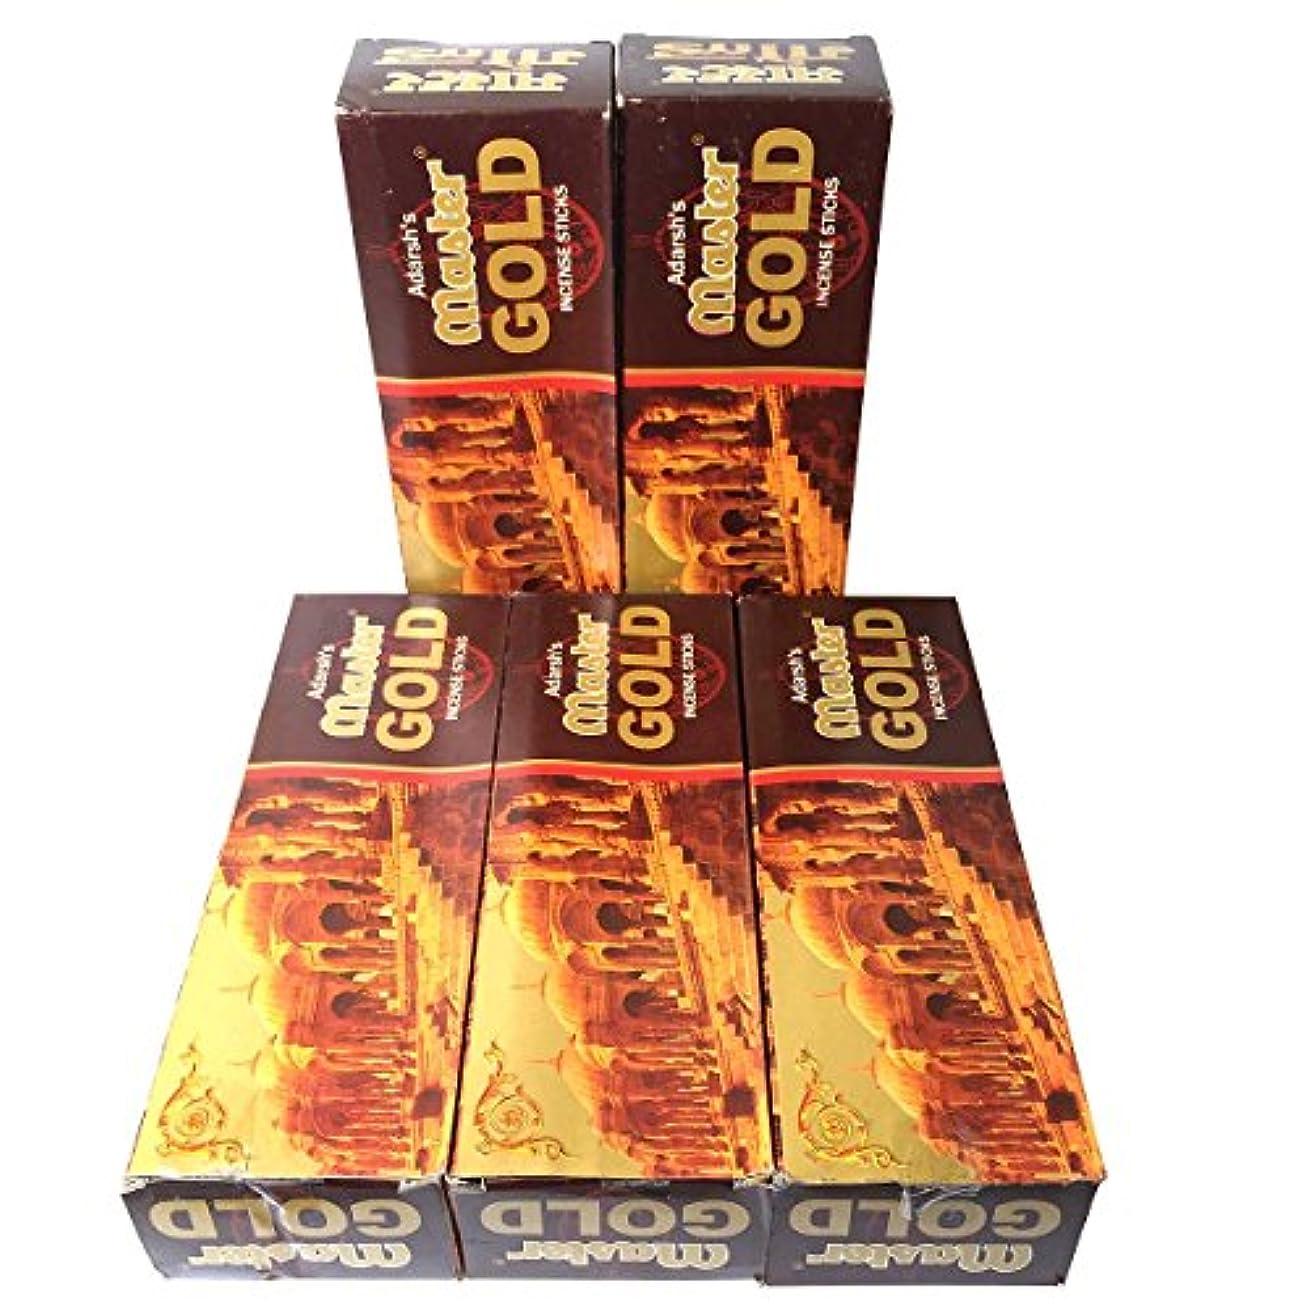 税金遅れ散歩に行くマスターゴールド香スティック 5BOX(30箱)/ADARSH AROMATICS  MASTER GOLD/ インド香 / 送料無料 [並行輸入品]